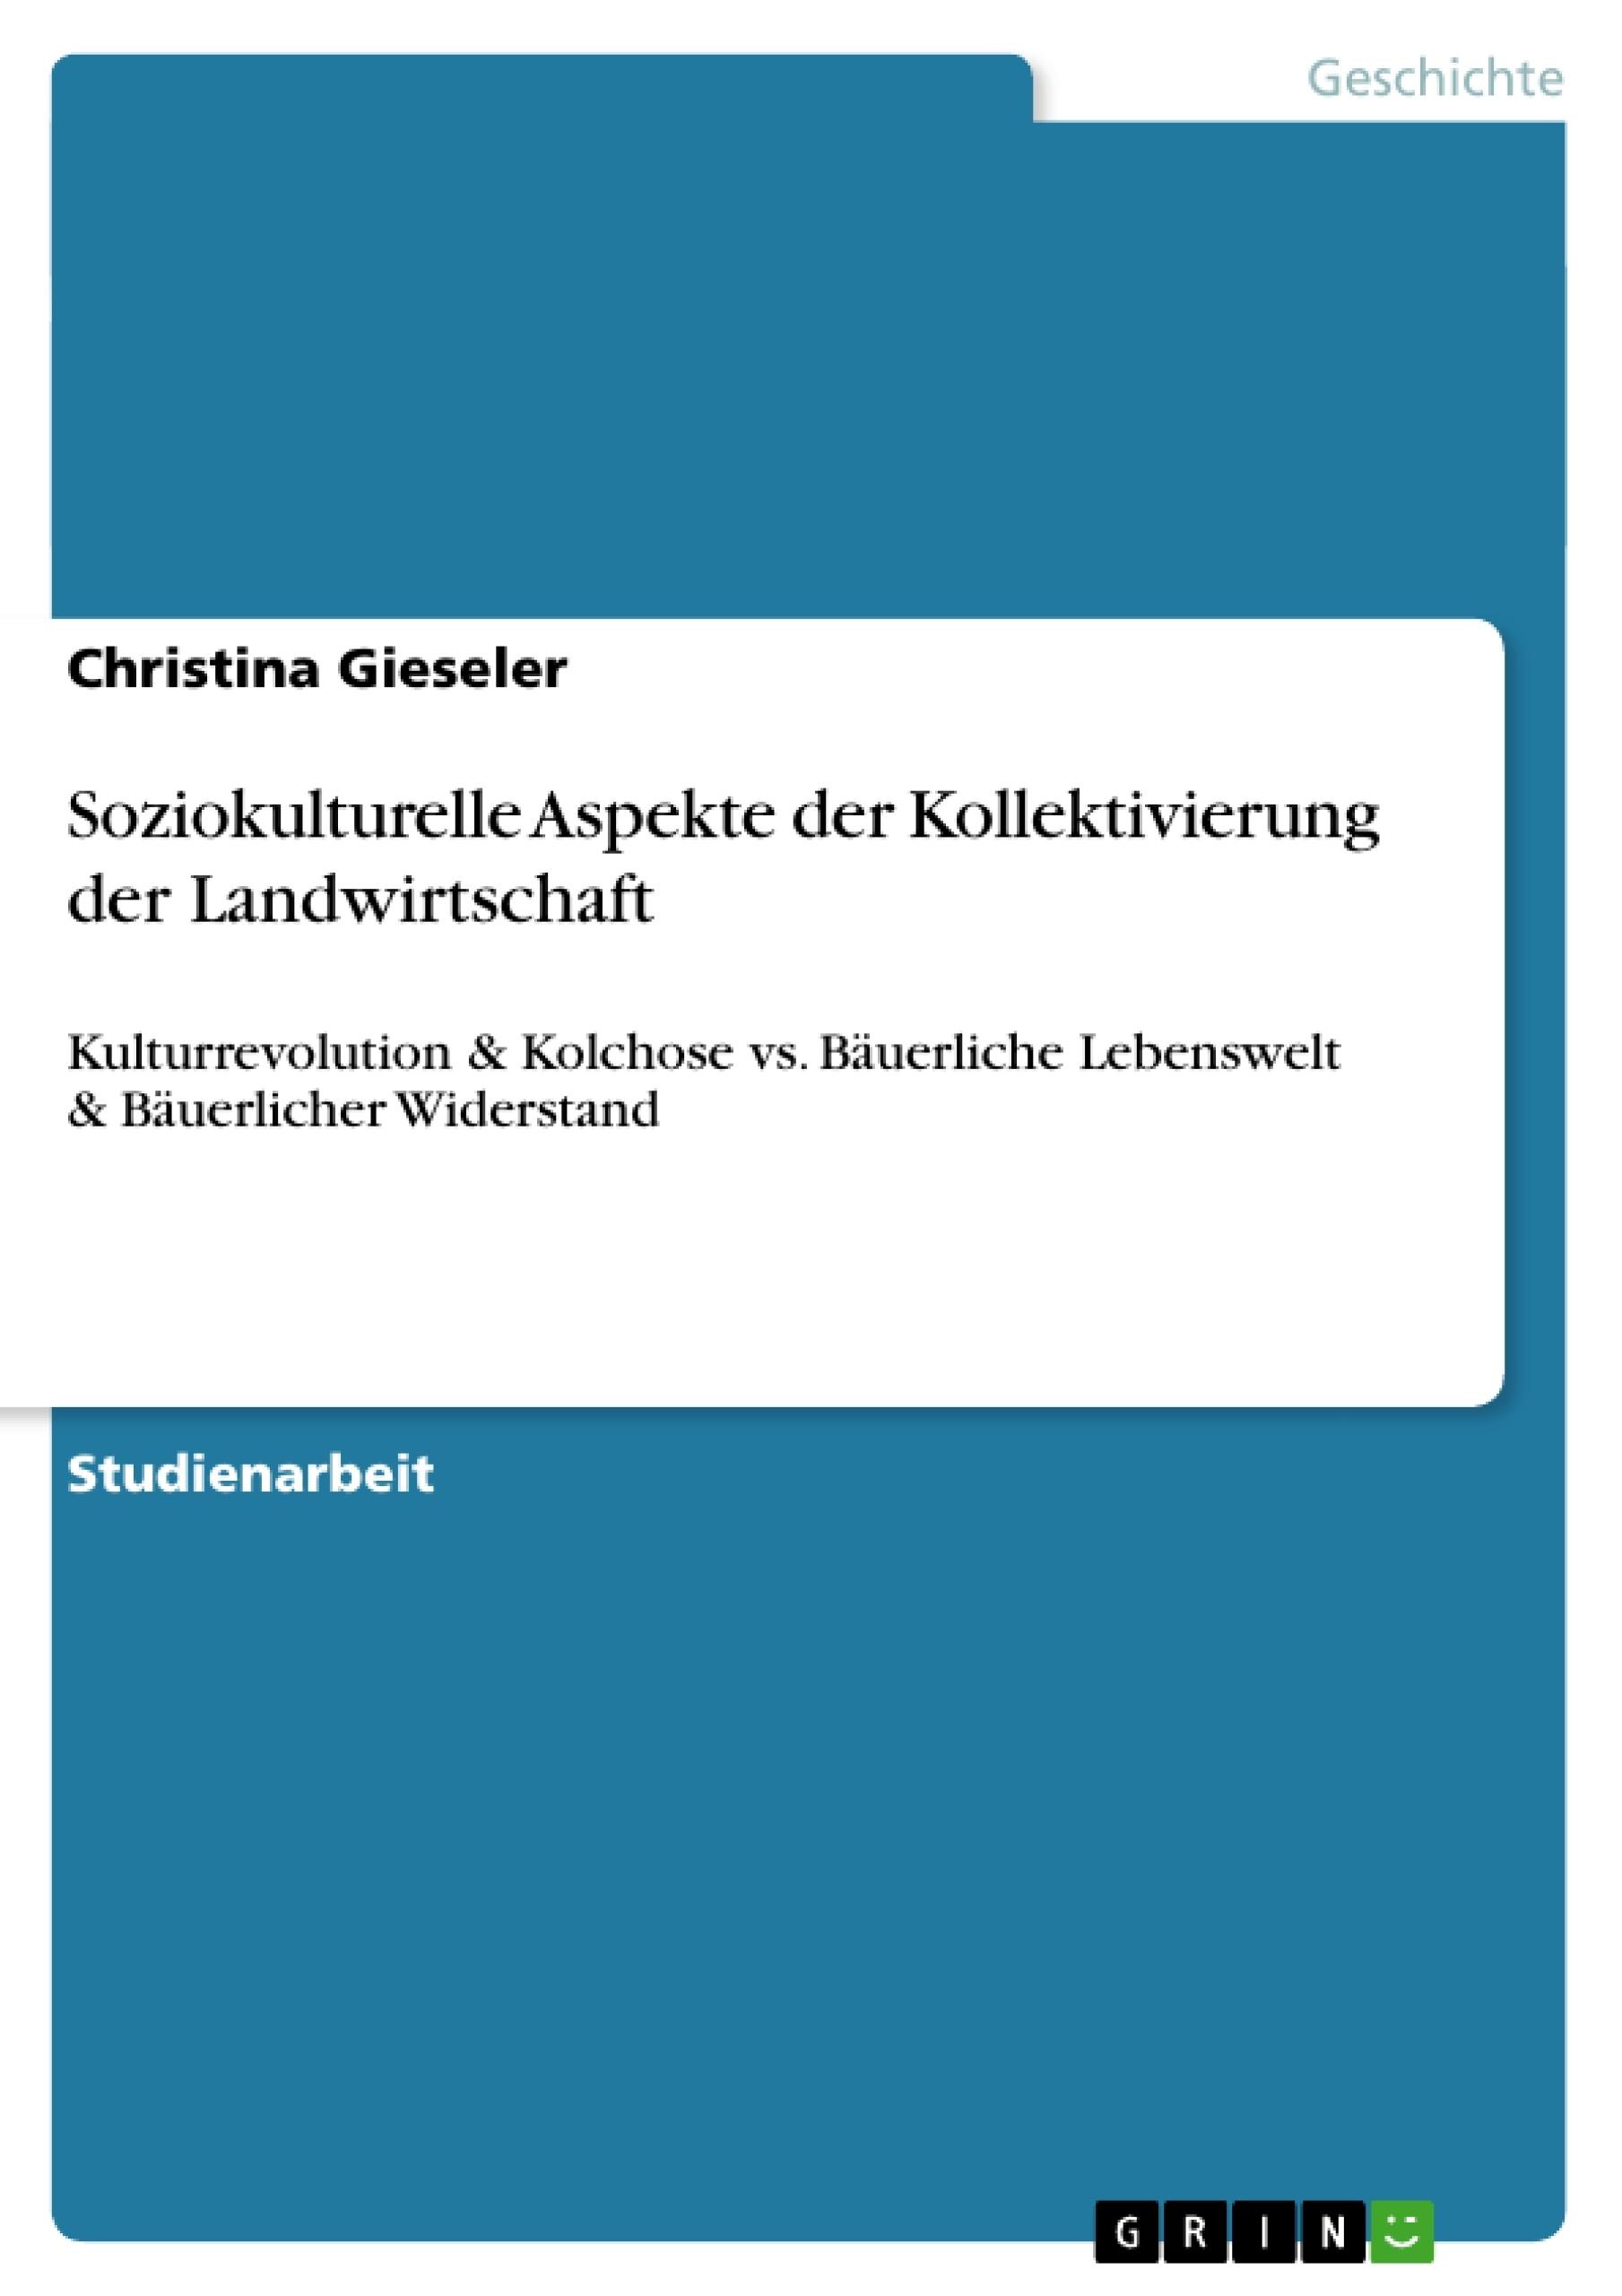 Titel: Soziokulturelle Aspekte der Kollektivierung der Landwirtschaft